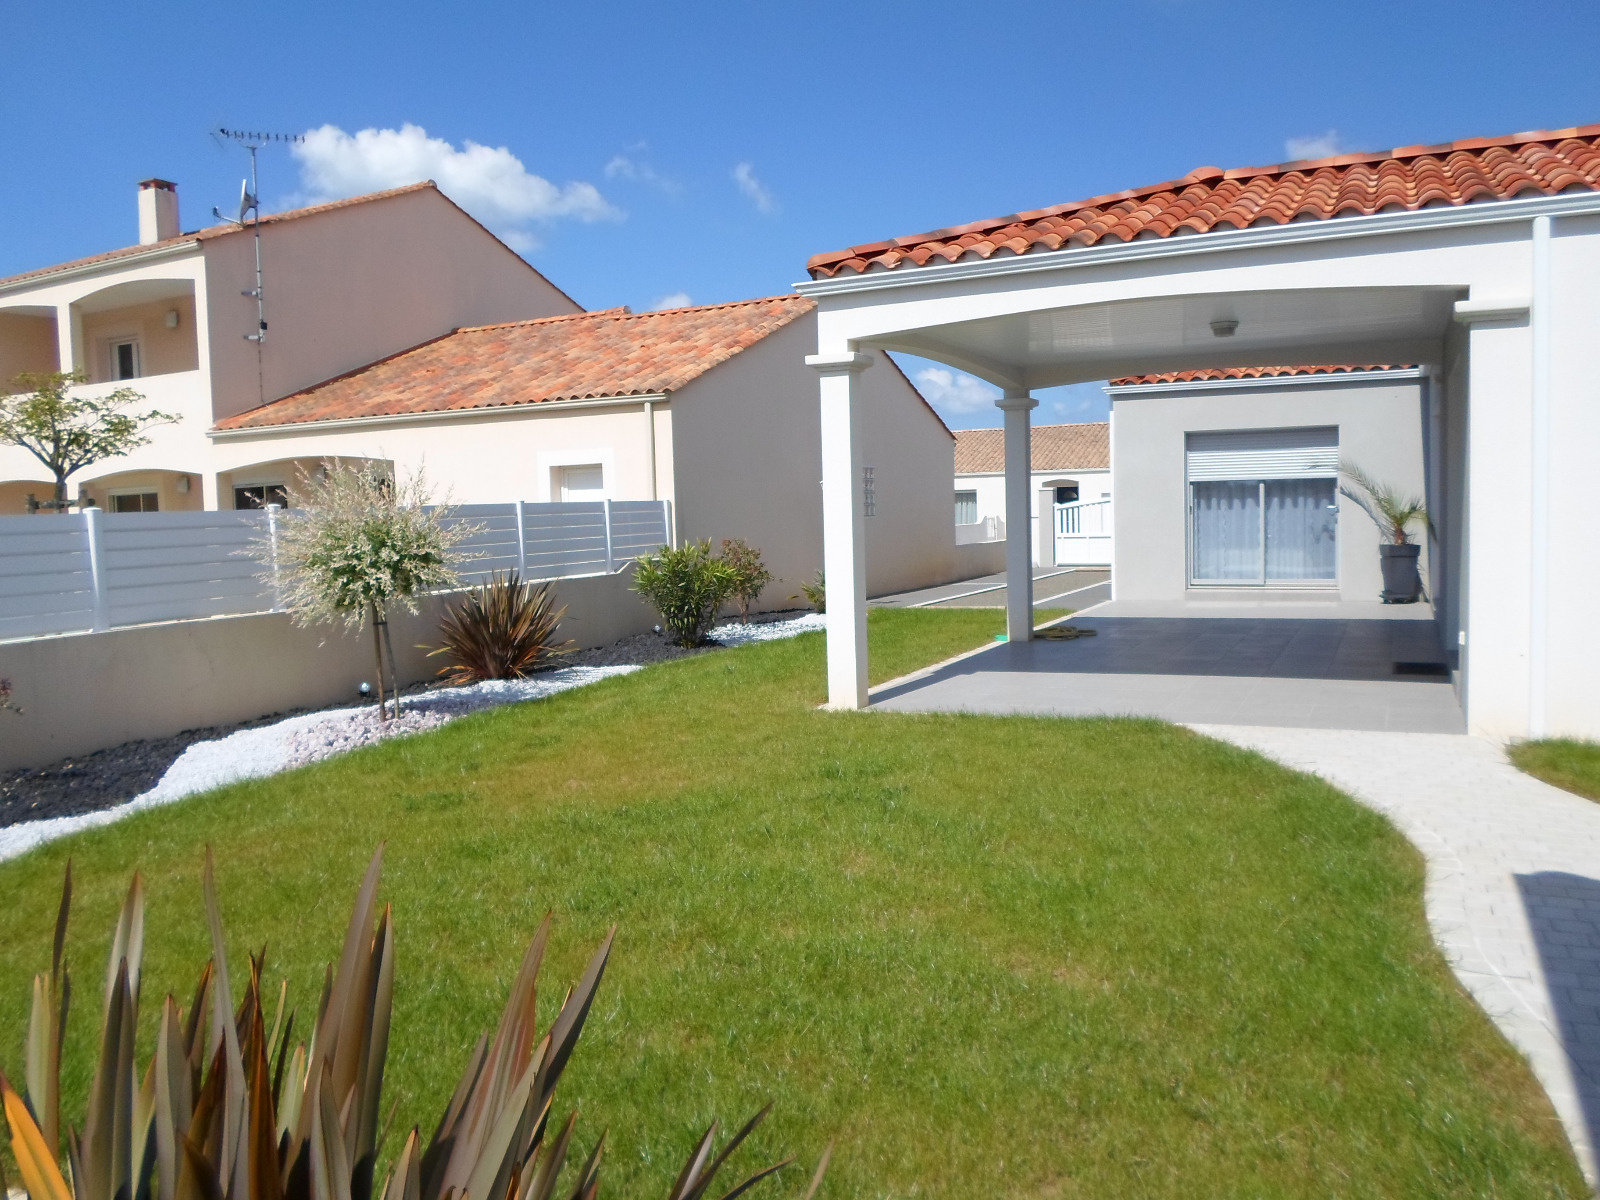 Vente maison neuve de plain pied for Maison neuve vente